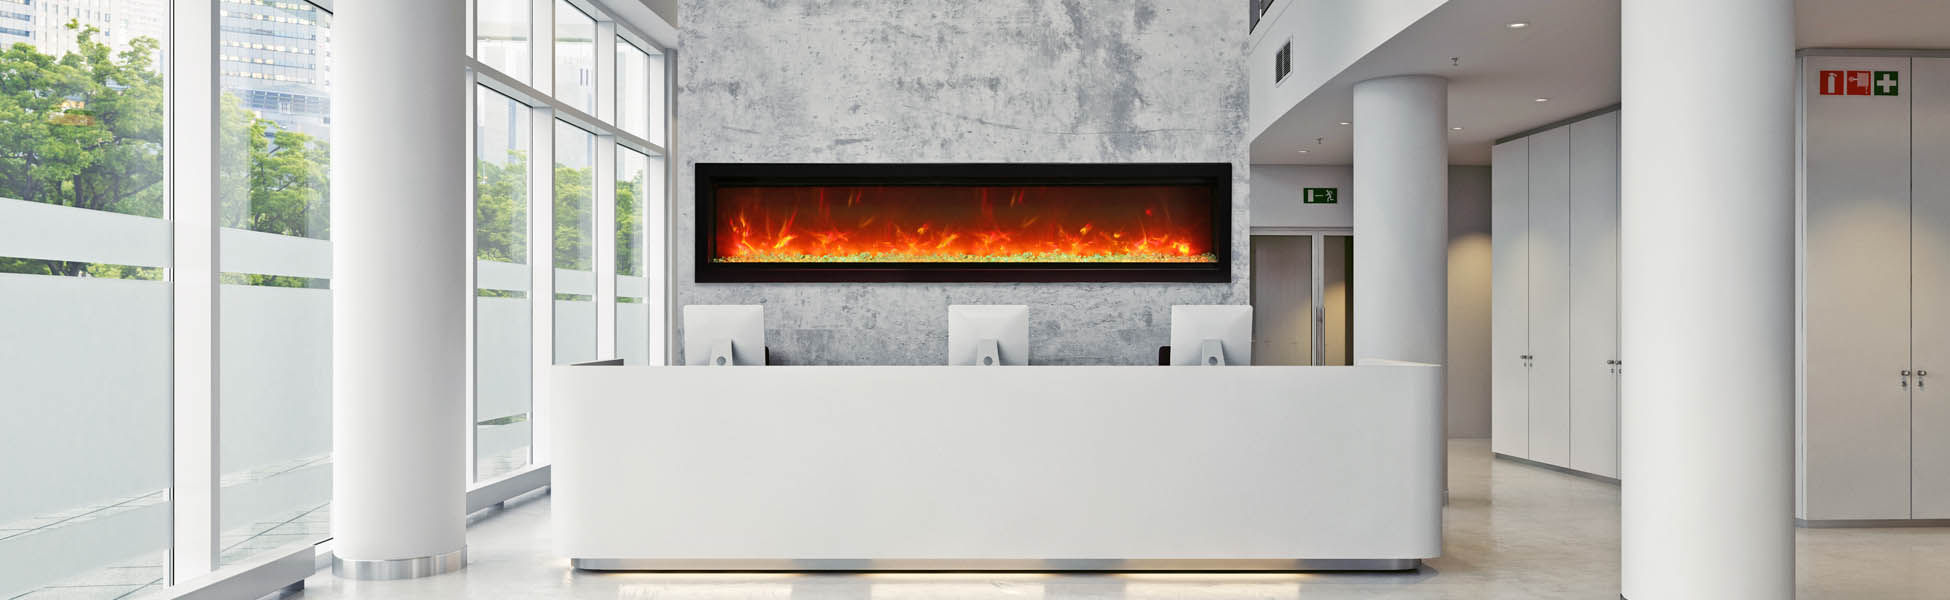 SYM-B-60 electric fireplace